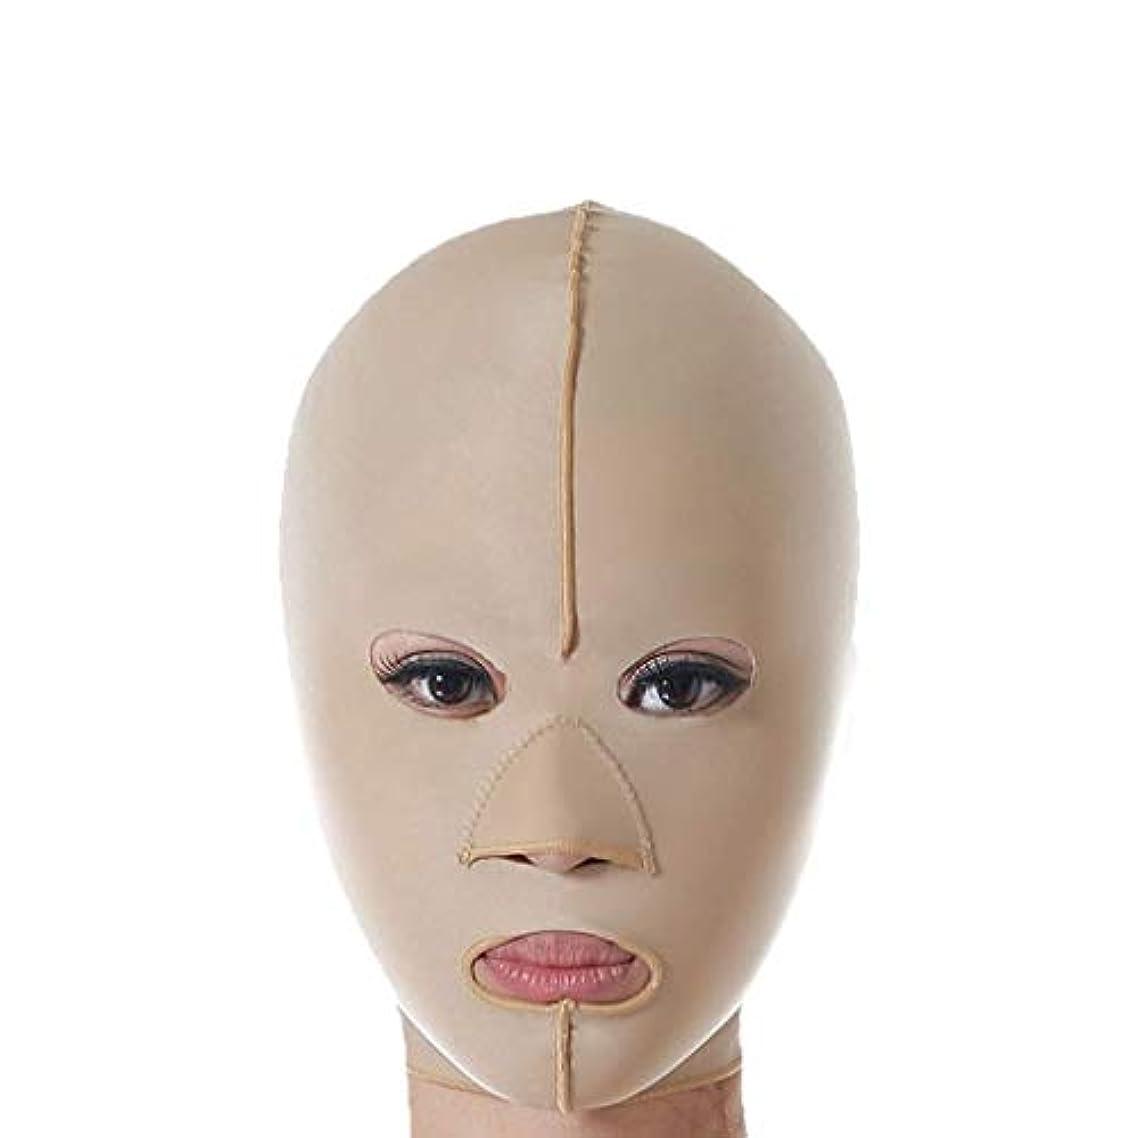 どちらかビリー価格減量フェイスマスク、リフティング包帯、スリムフェイスリフトリフティングベルト、フェイシャル減量リフティング包帯、リフティングファーミング包帯(サイズ:XL),XL